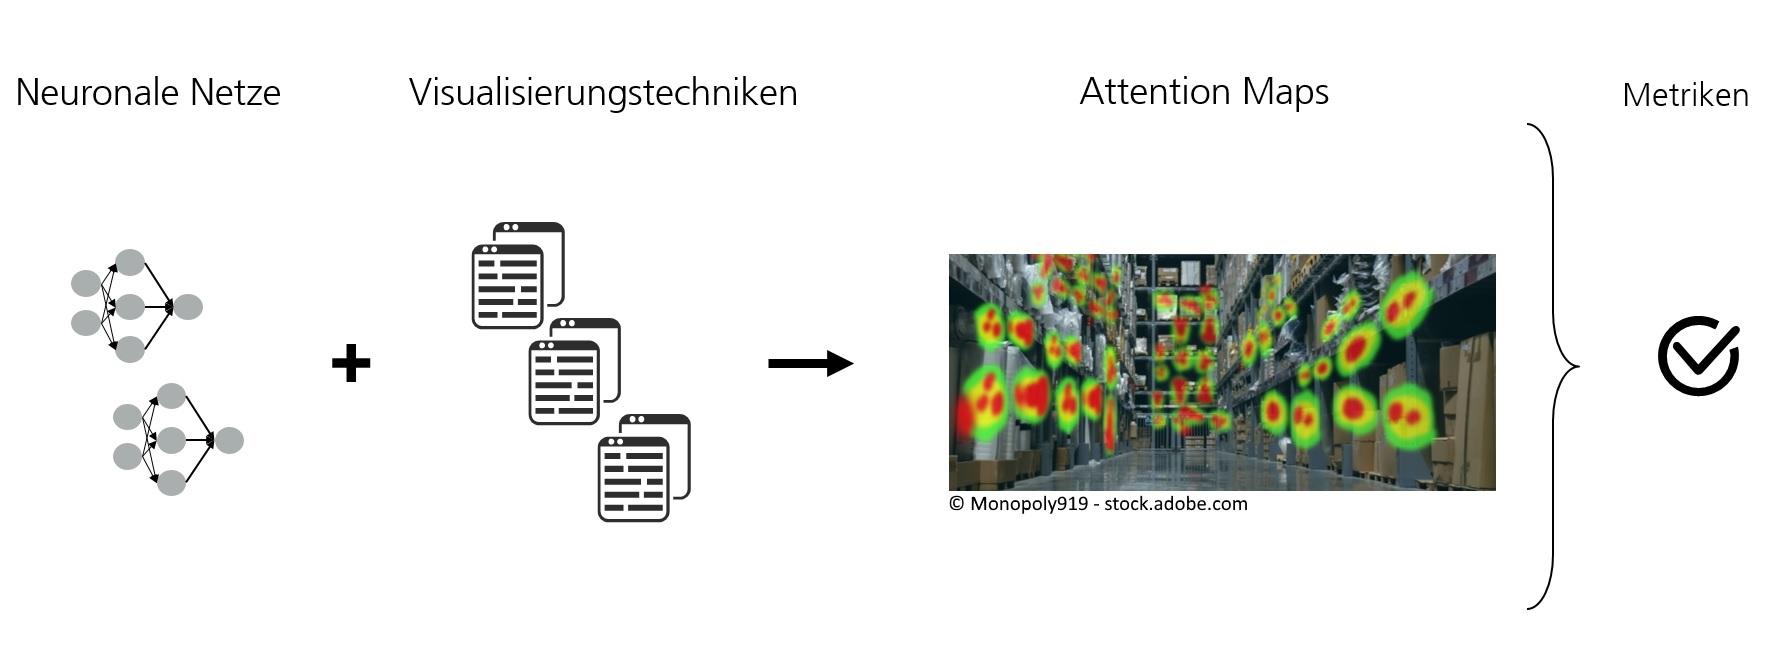 Attention Maps ermöglichen Analyse kritischer Entscheidungen